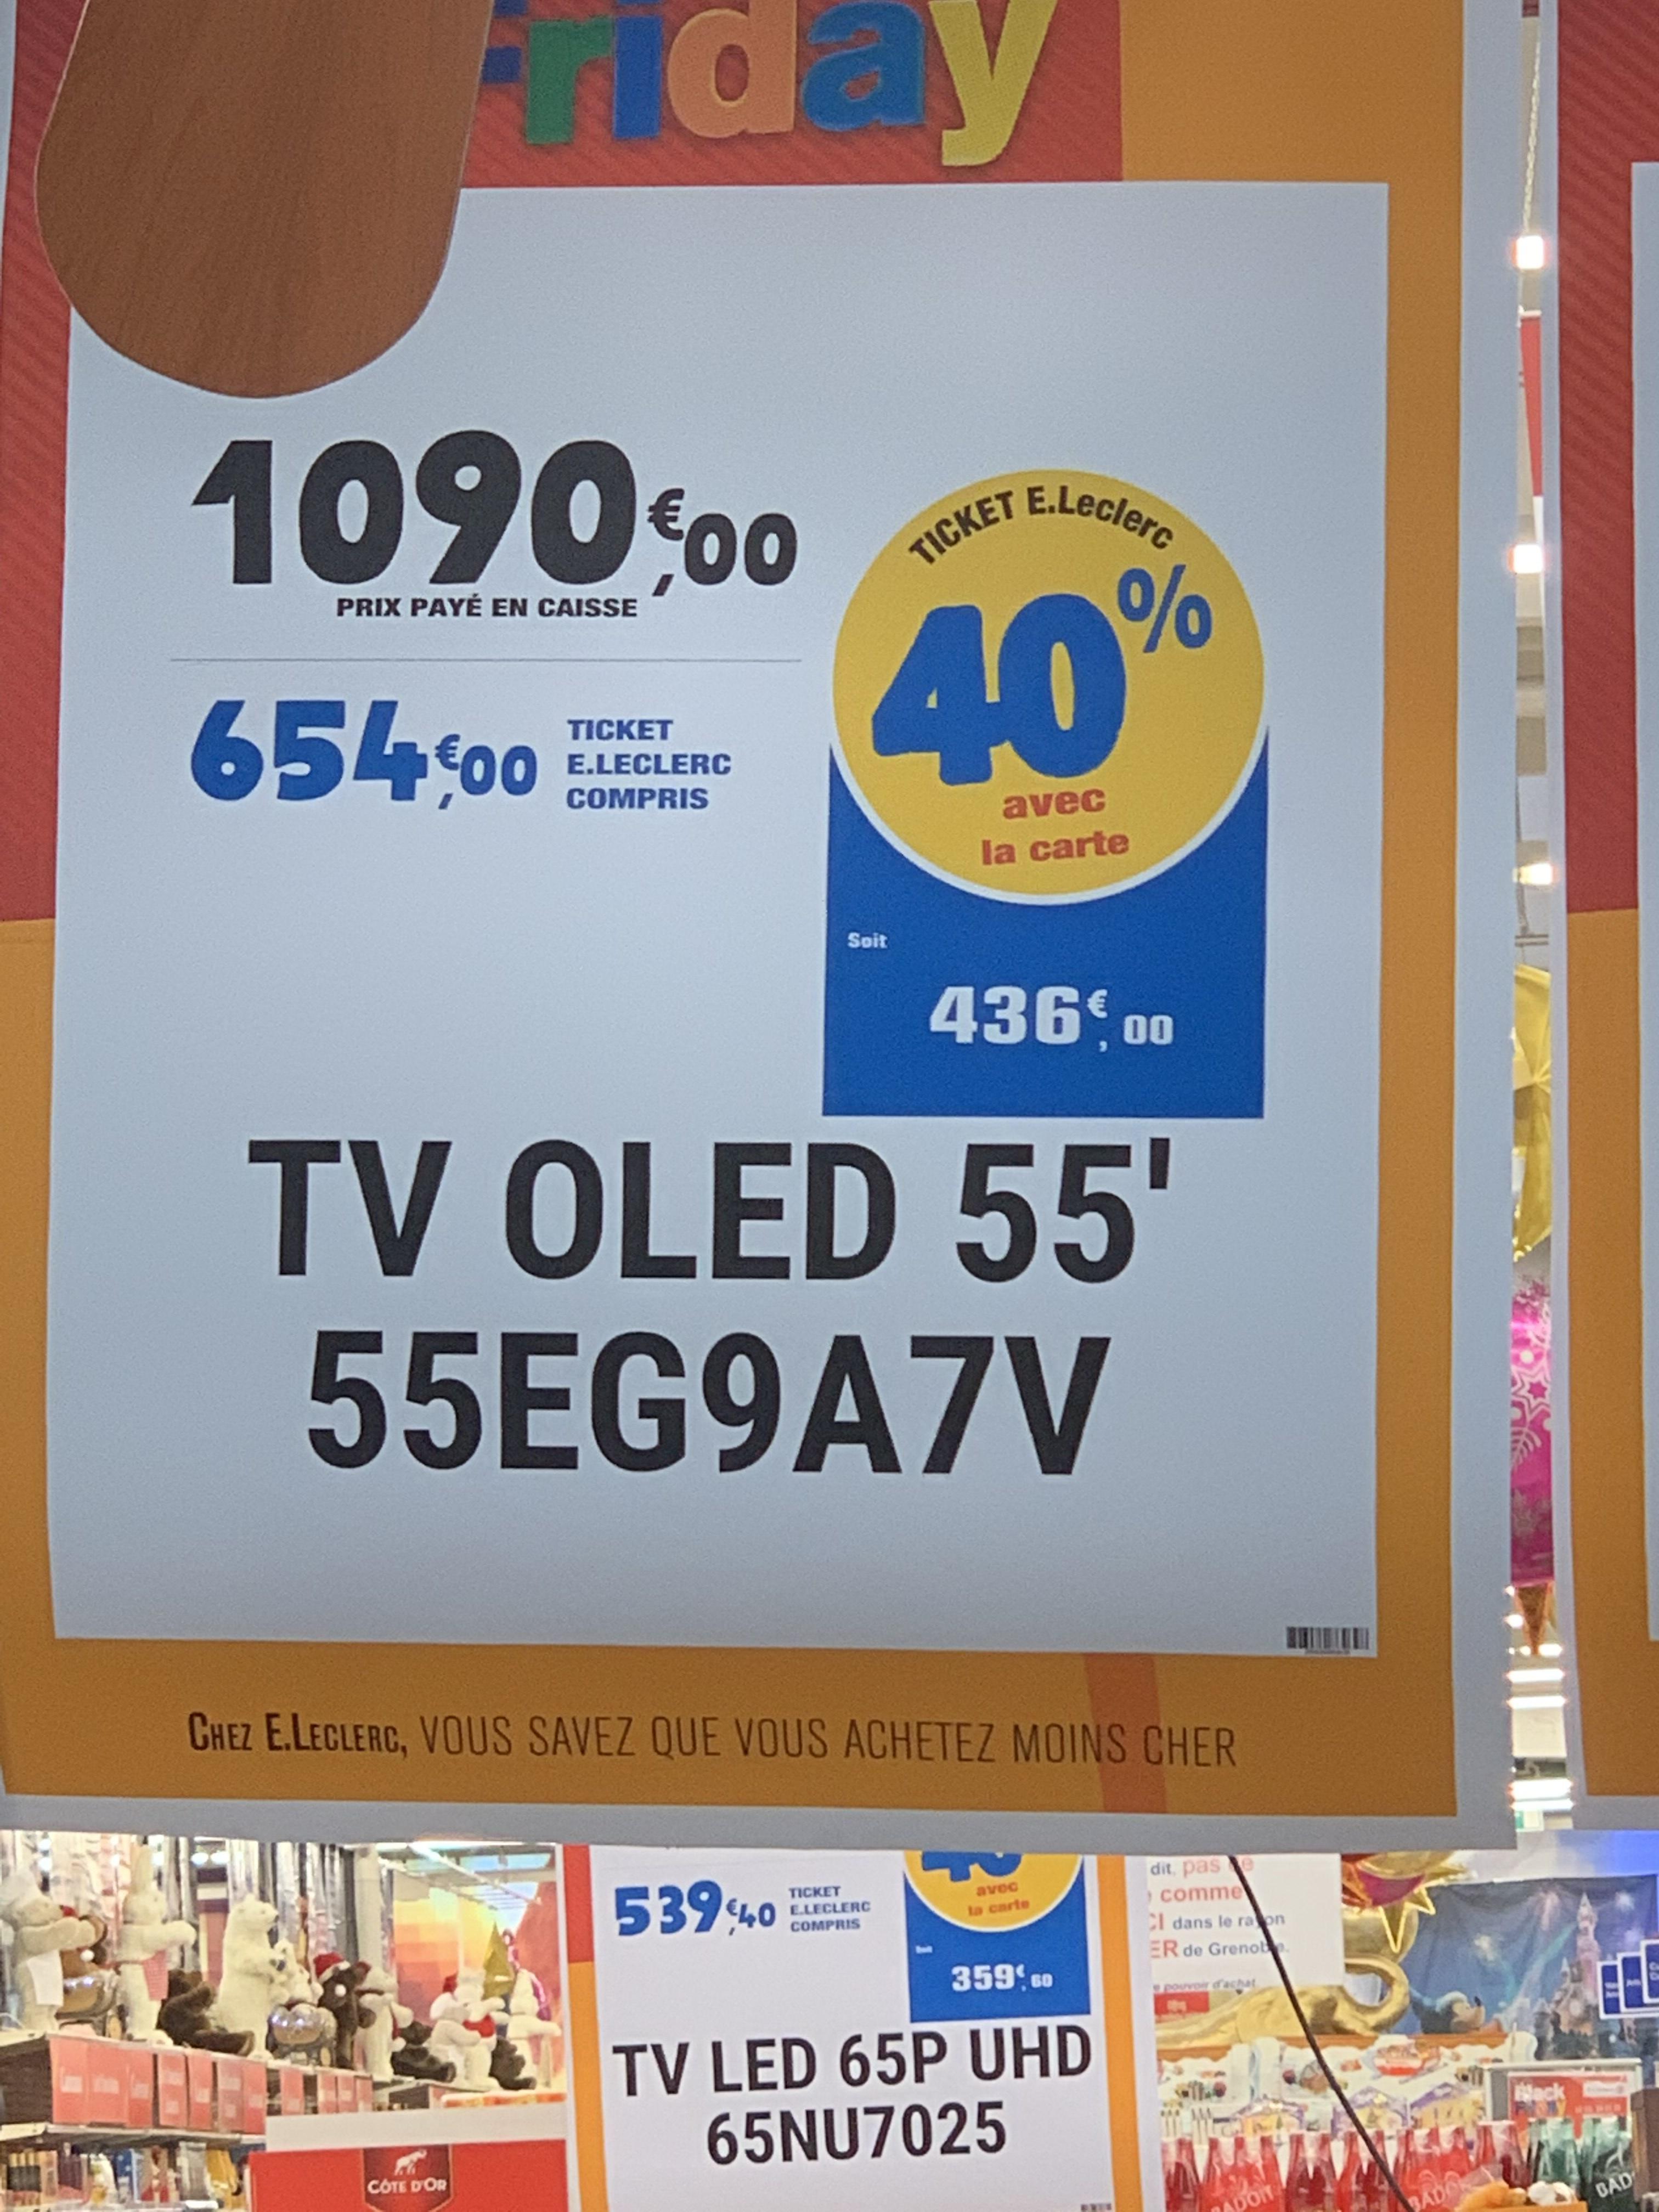 tv 55 lg 55eg9a7v oled full hd via 436 en ticket leclerc comboire 38. Black Bedroom Furniture Sets. Home Design Ideas